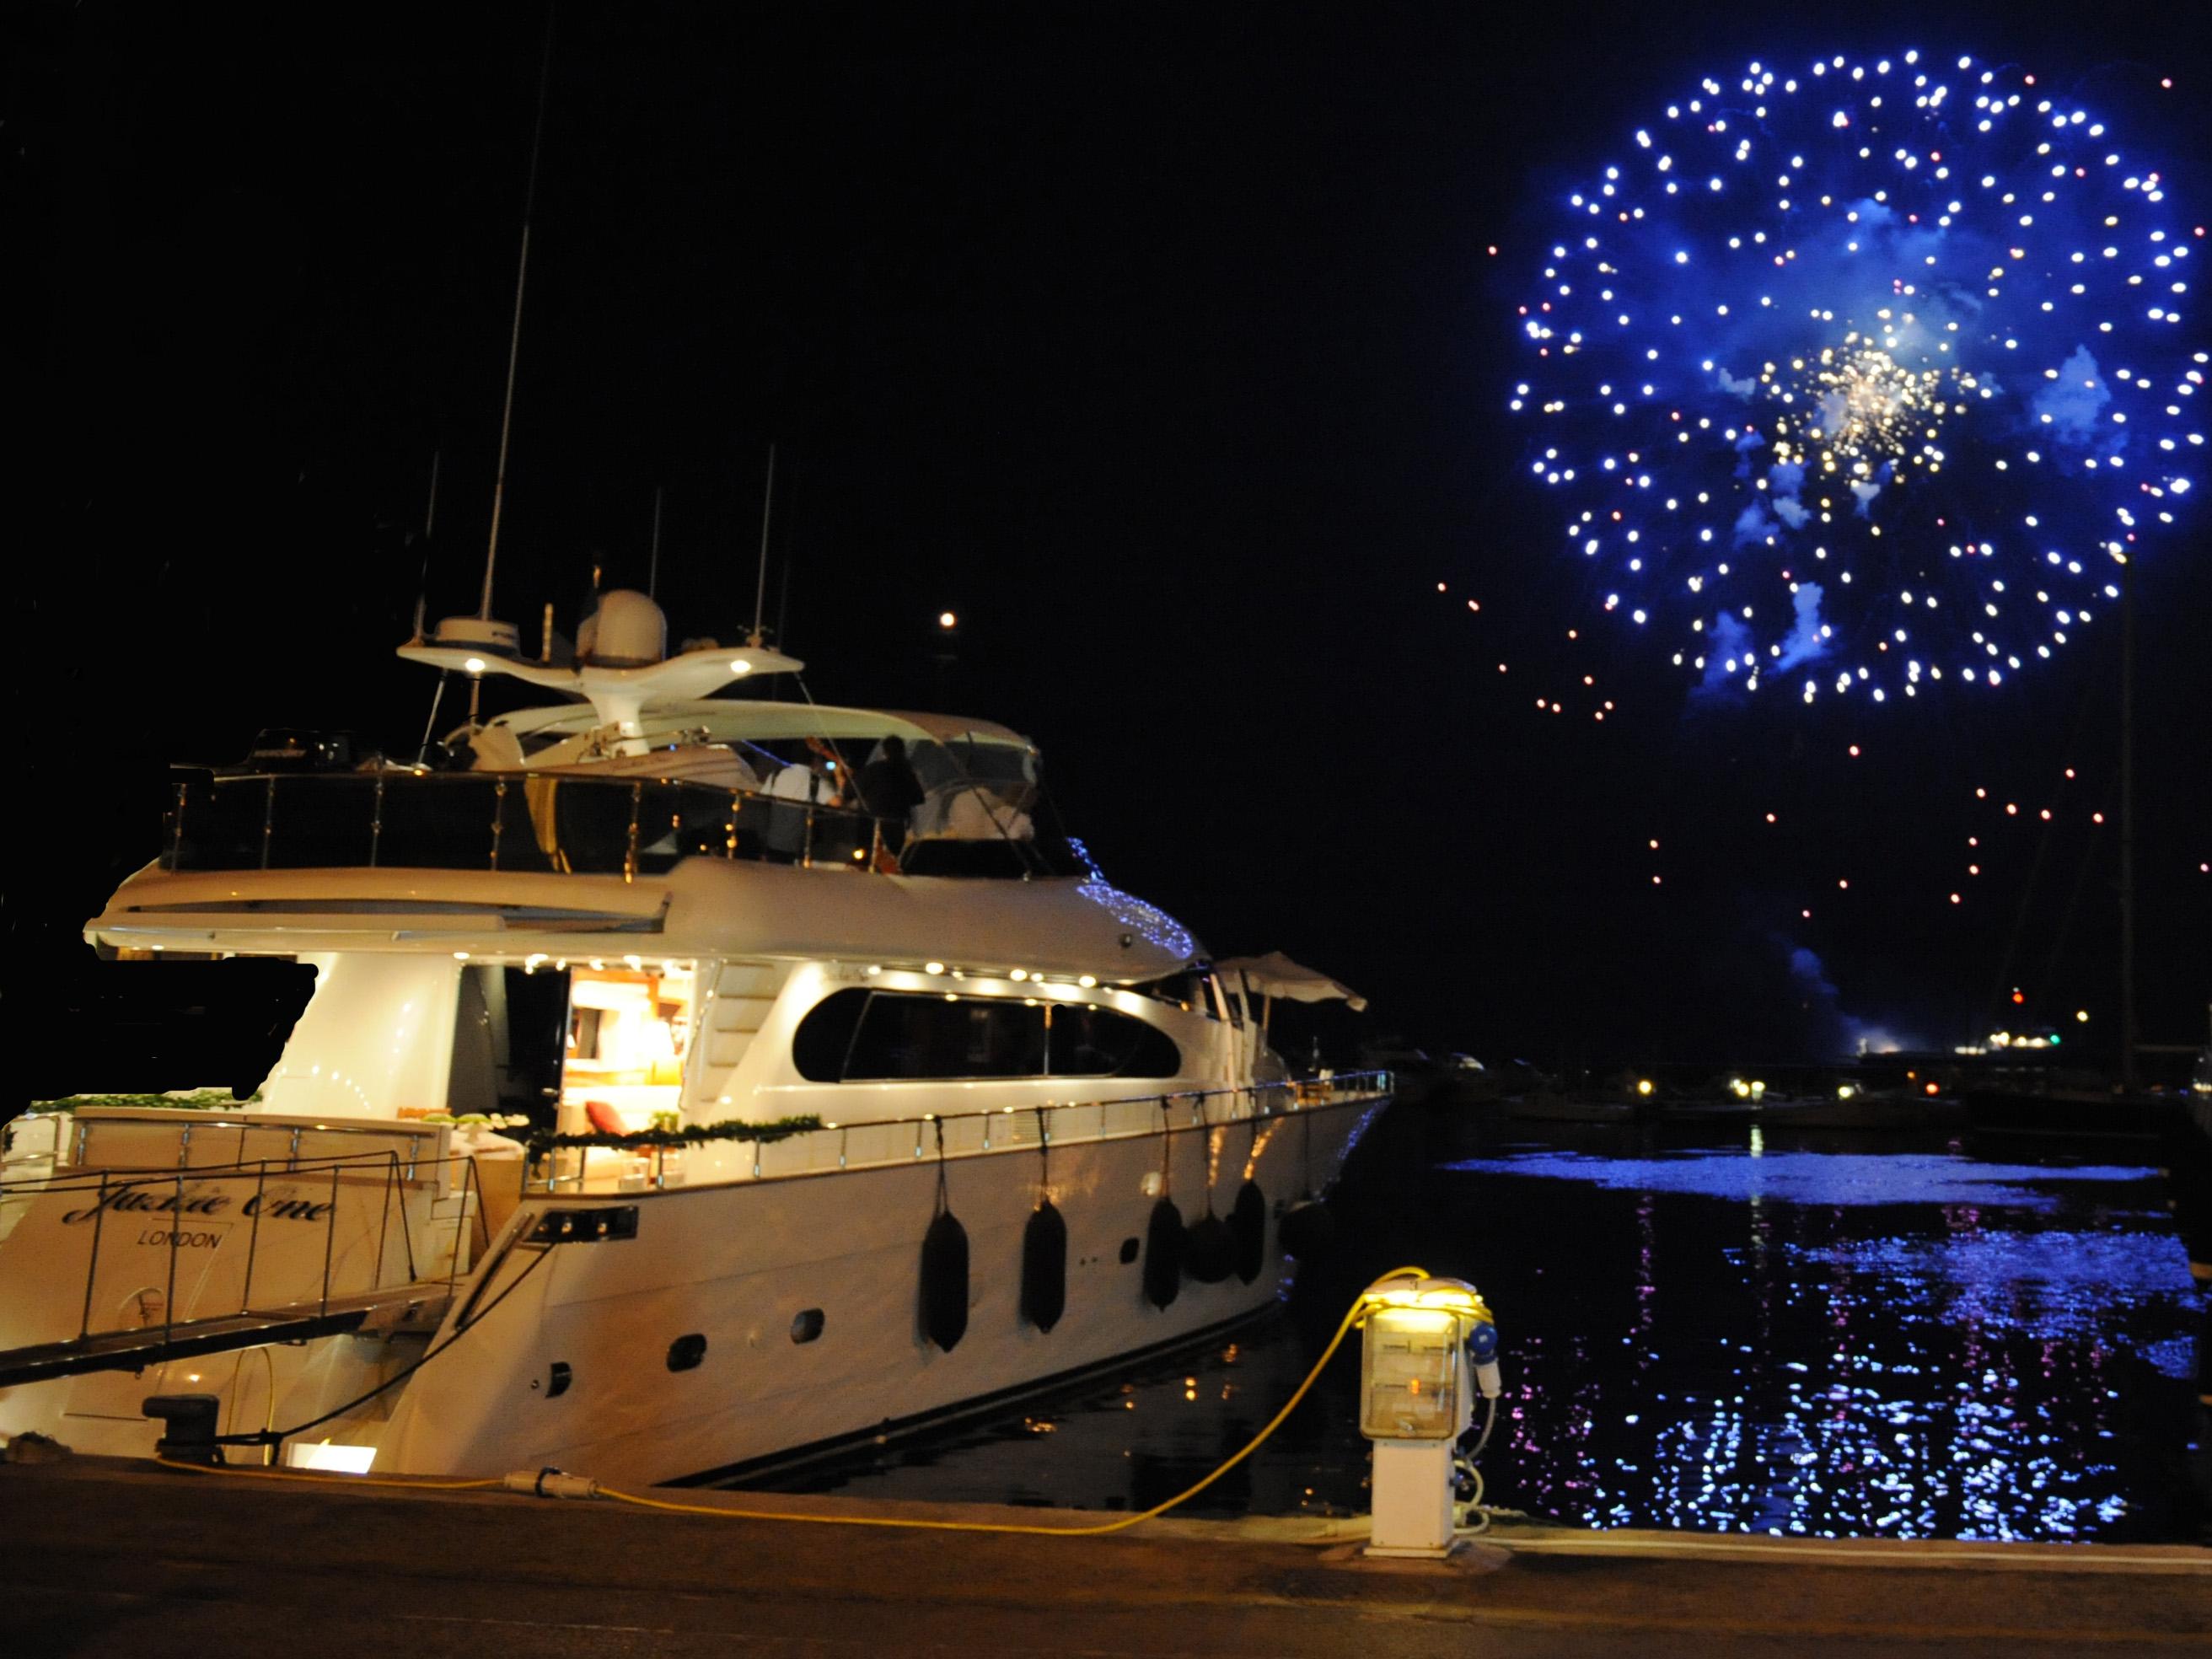 Yachts At Night Jackie One - At Night ...